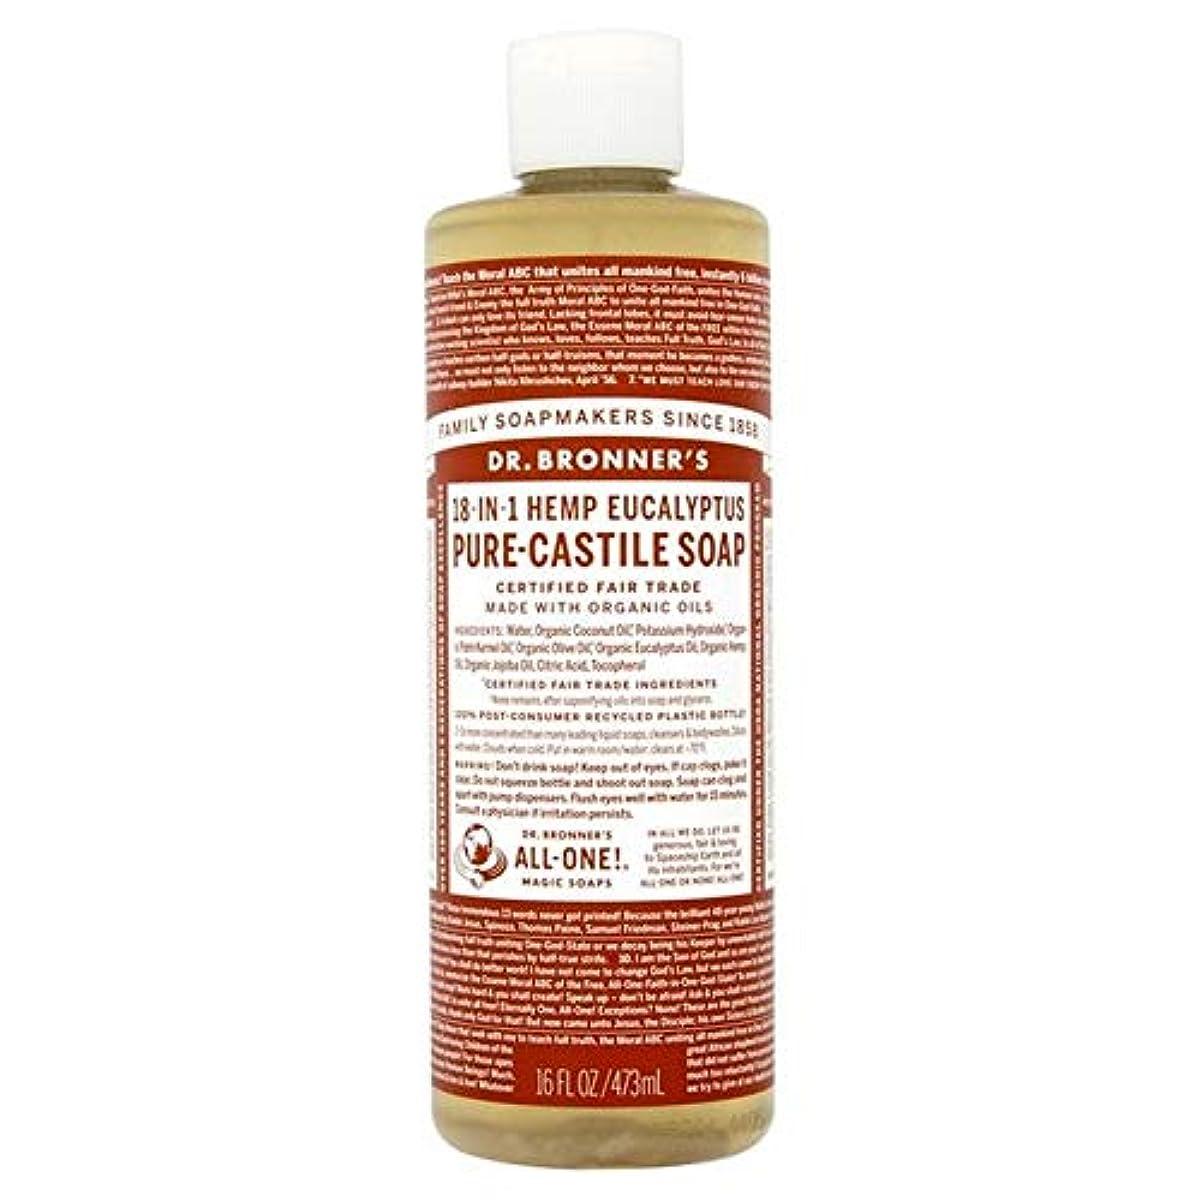 吸収剤商品すべて[Dr Bronner] Dr。ブロナーズ有機ユーカリの純粋な-カスティーリャ液体石鹸473ミリリットル - Dr. Bronner's Organic Eucalyptus Pure-Castille Liquid Soap...